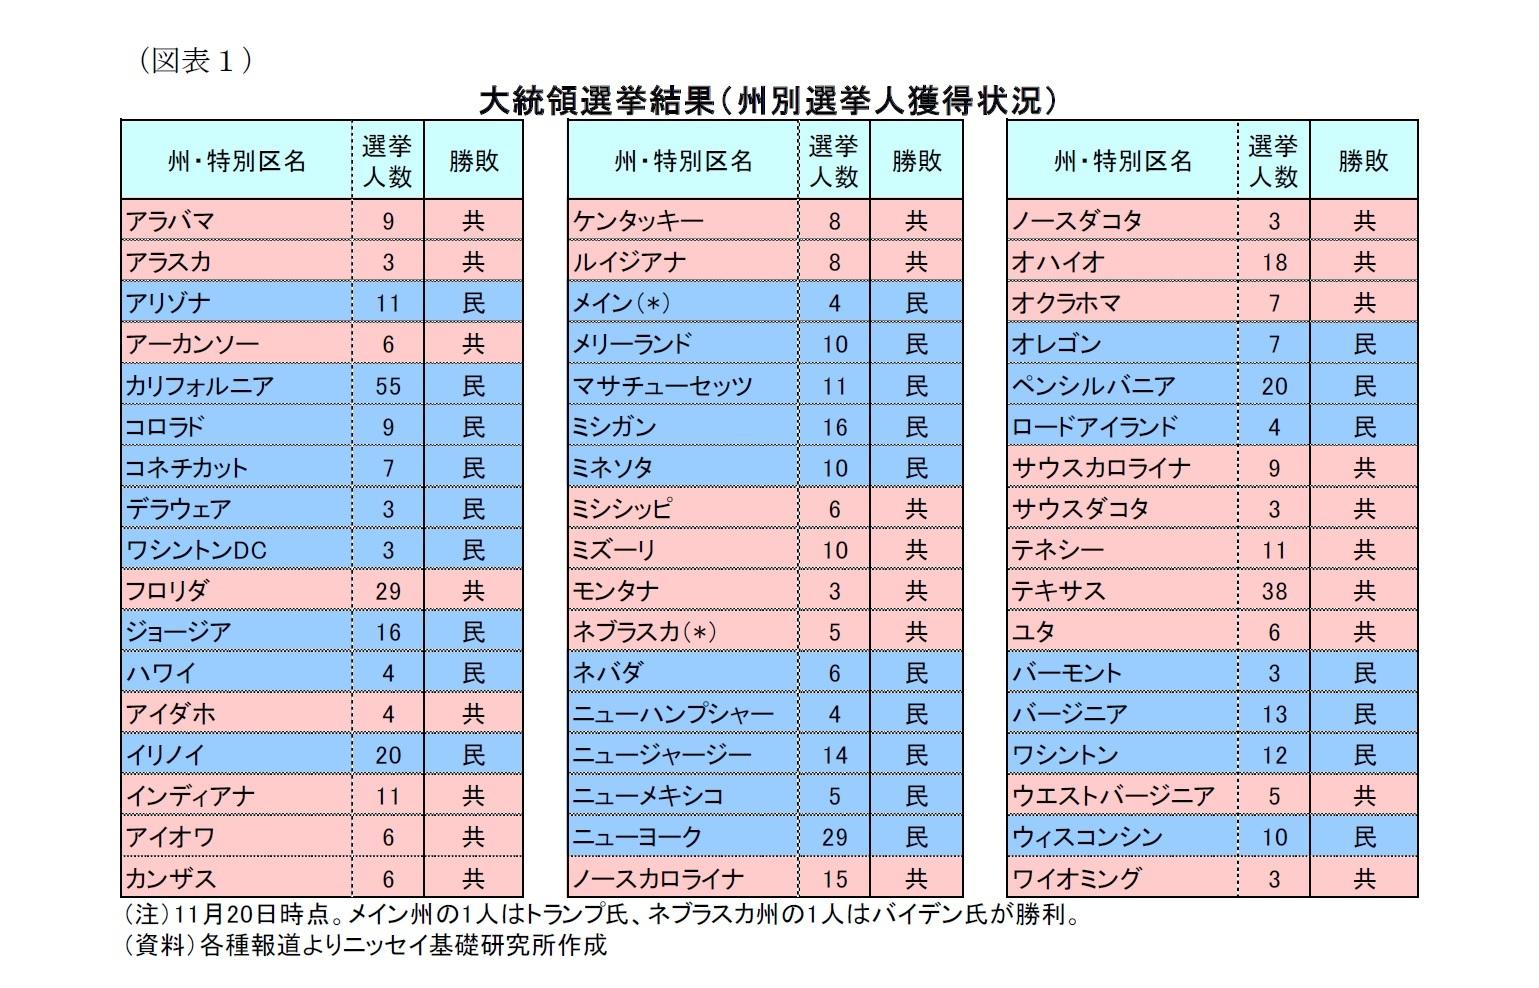 (図表1)大統領選挙結果(州別選挙人獲得状況)